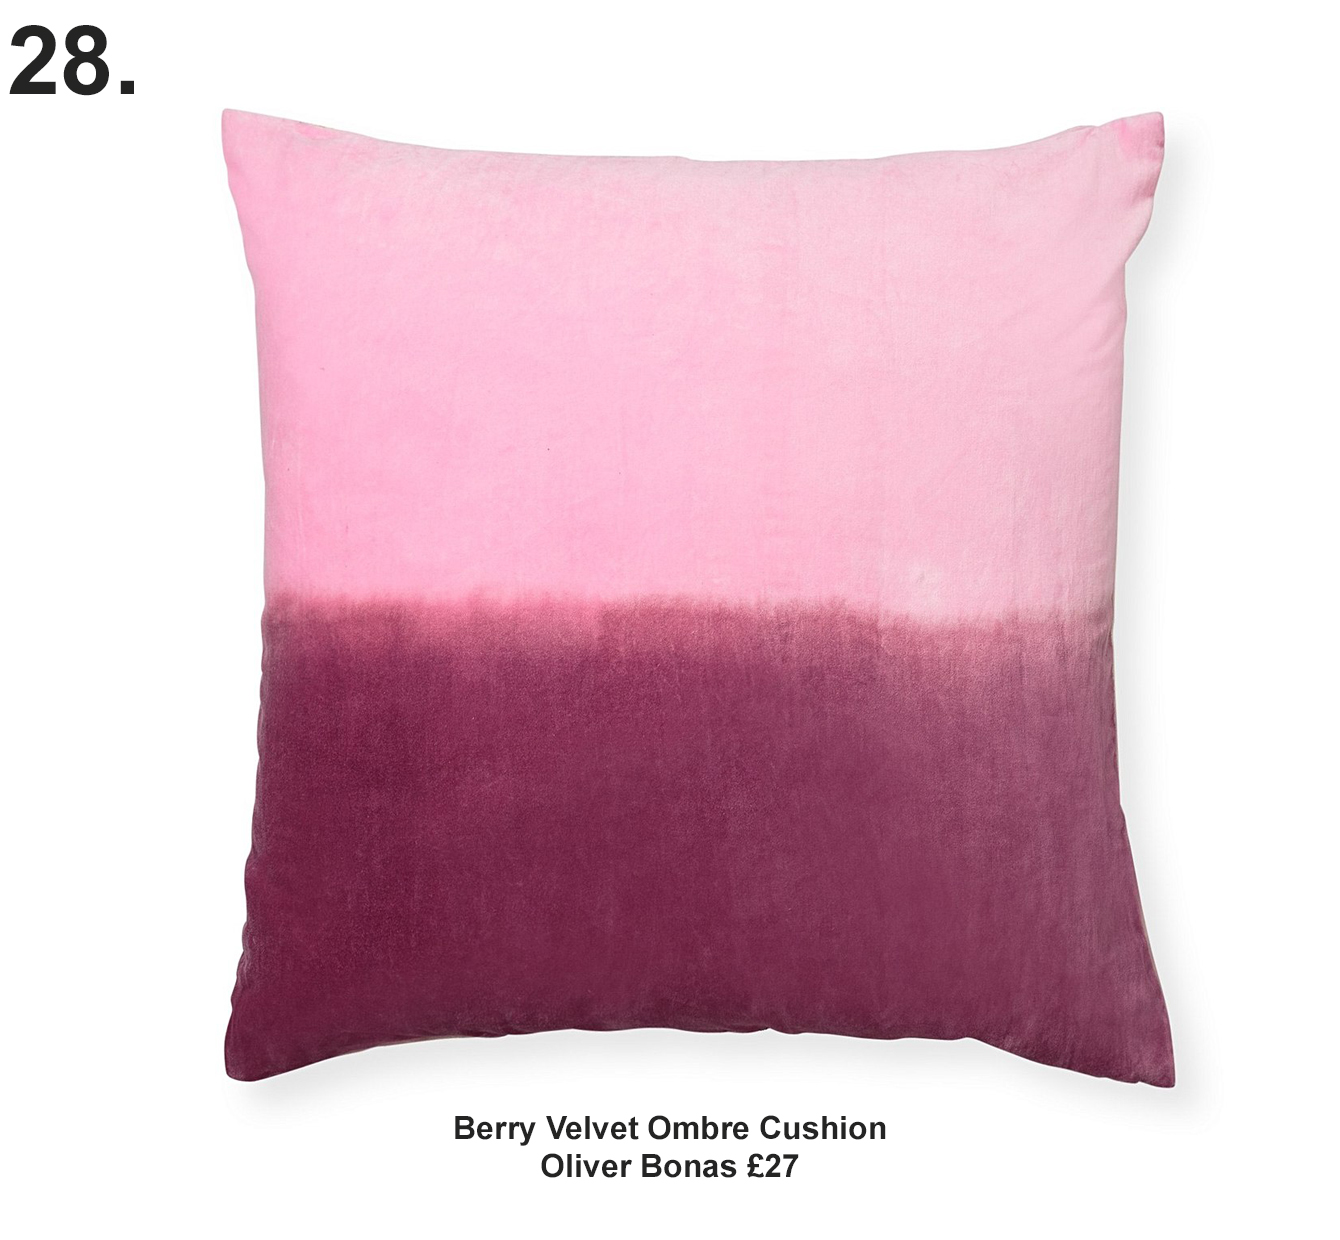 Berry Velvet Ombre Cushion £27 Oliver Bonas